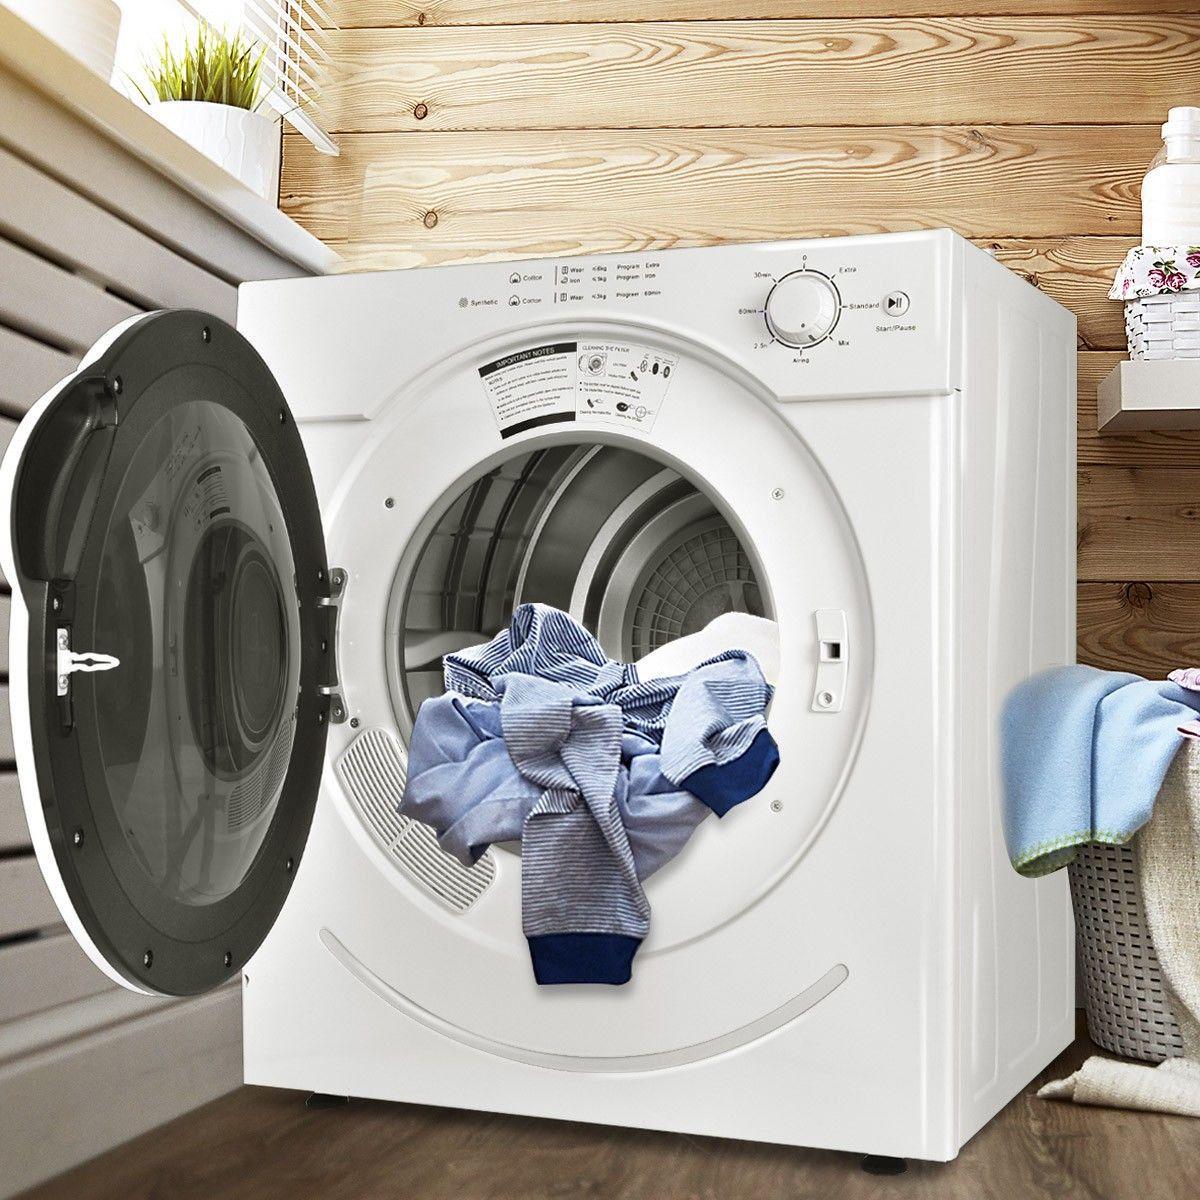 خشک کردن کند از عیب های ماشین لباسشویی